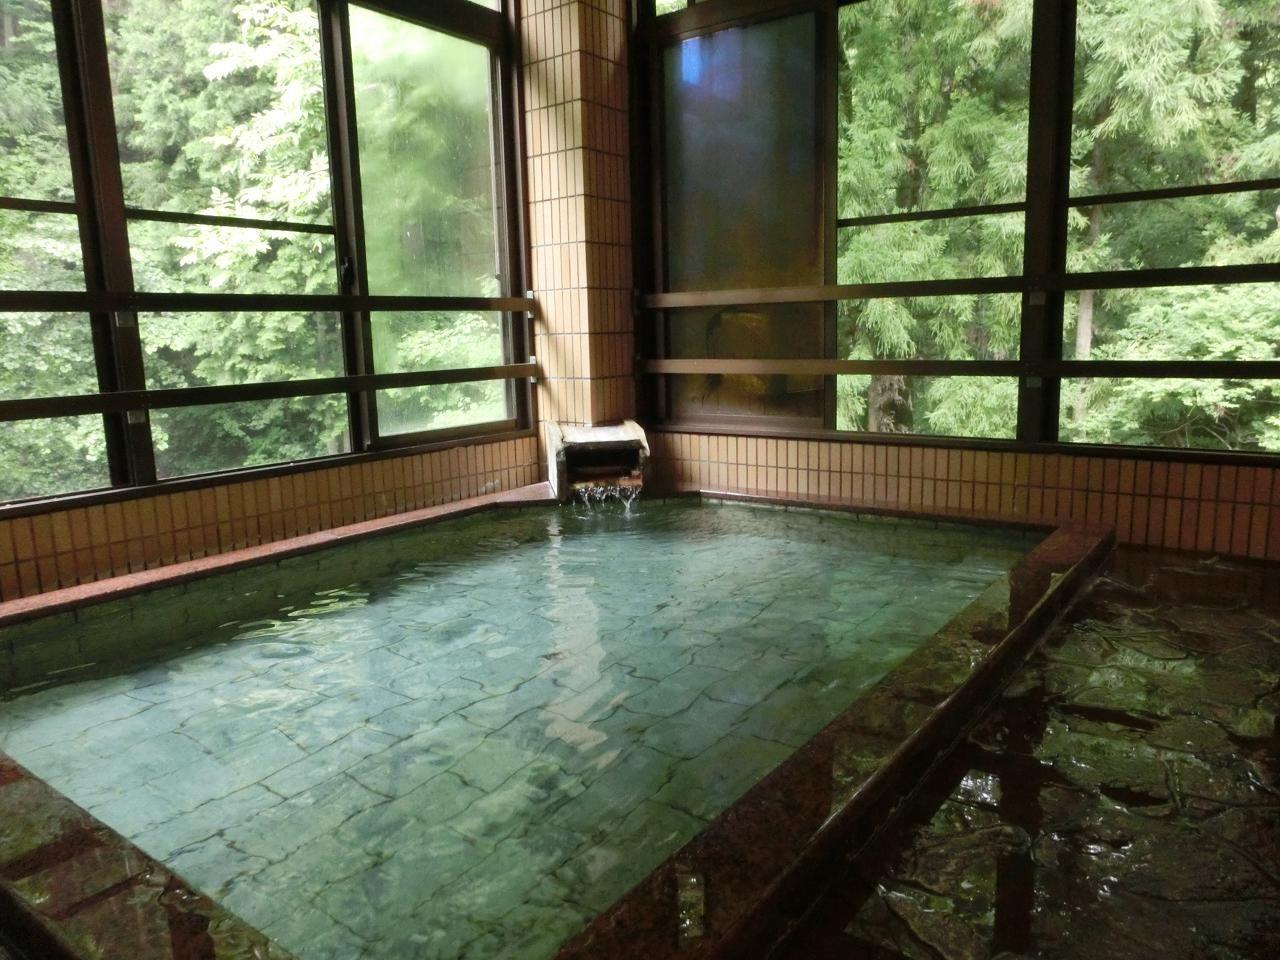 緑が溢れる名湯「蛇の湯温泉」